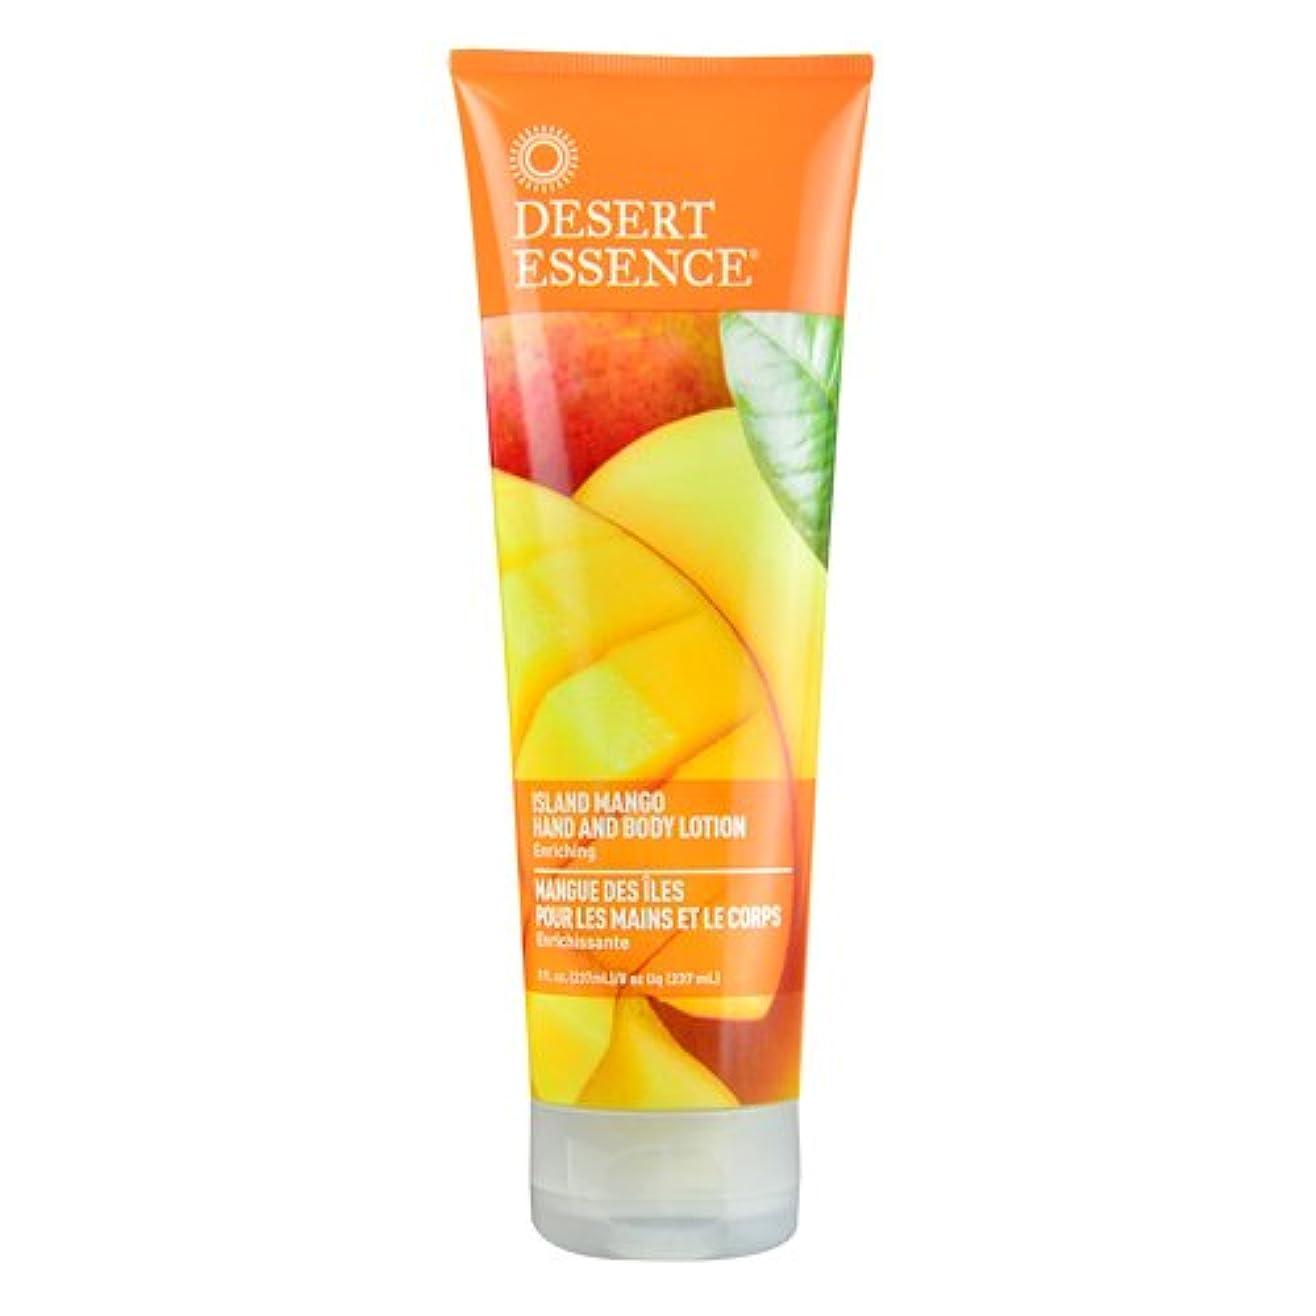 言語信仰舌Desert Essence, Hand and Body Lotion, Island Mango, 8 fl oz (237 ml)